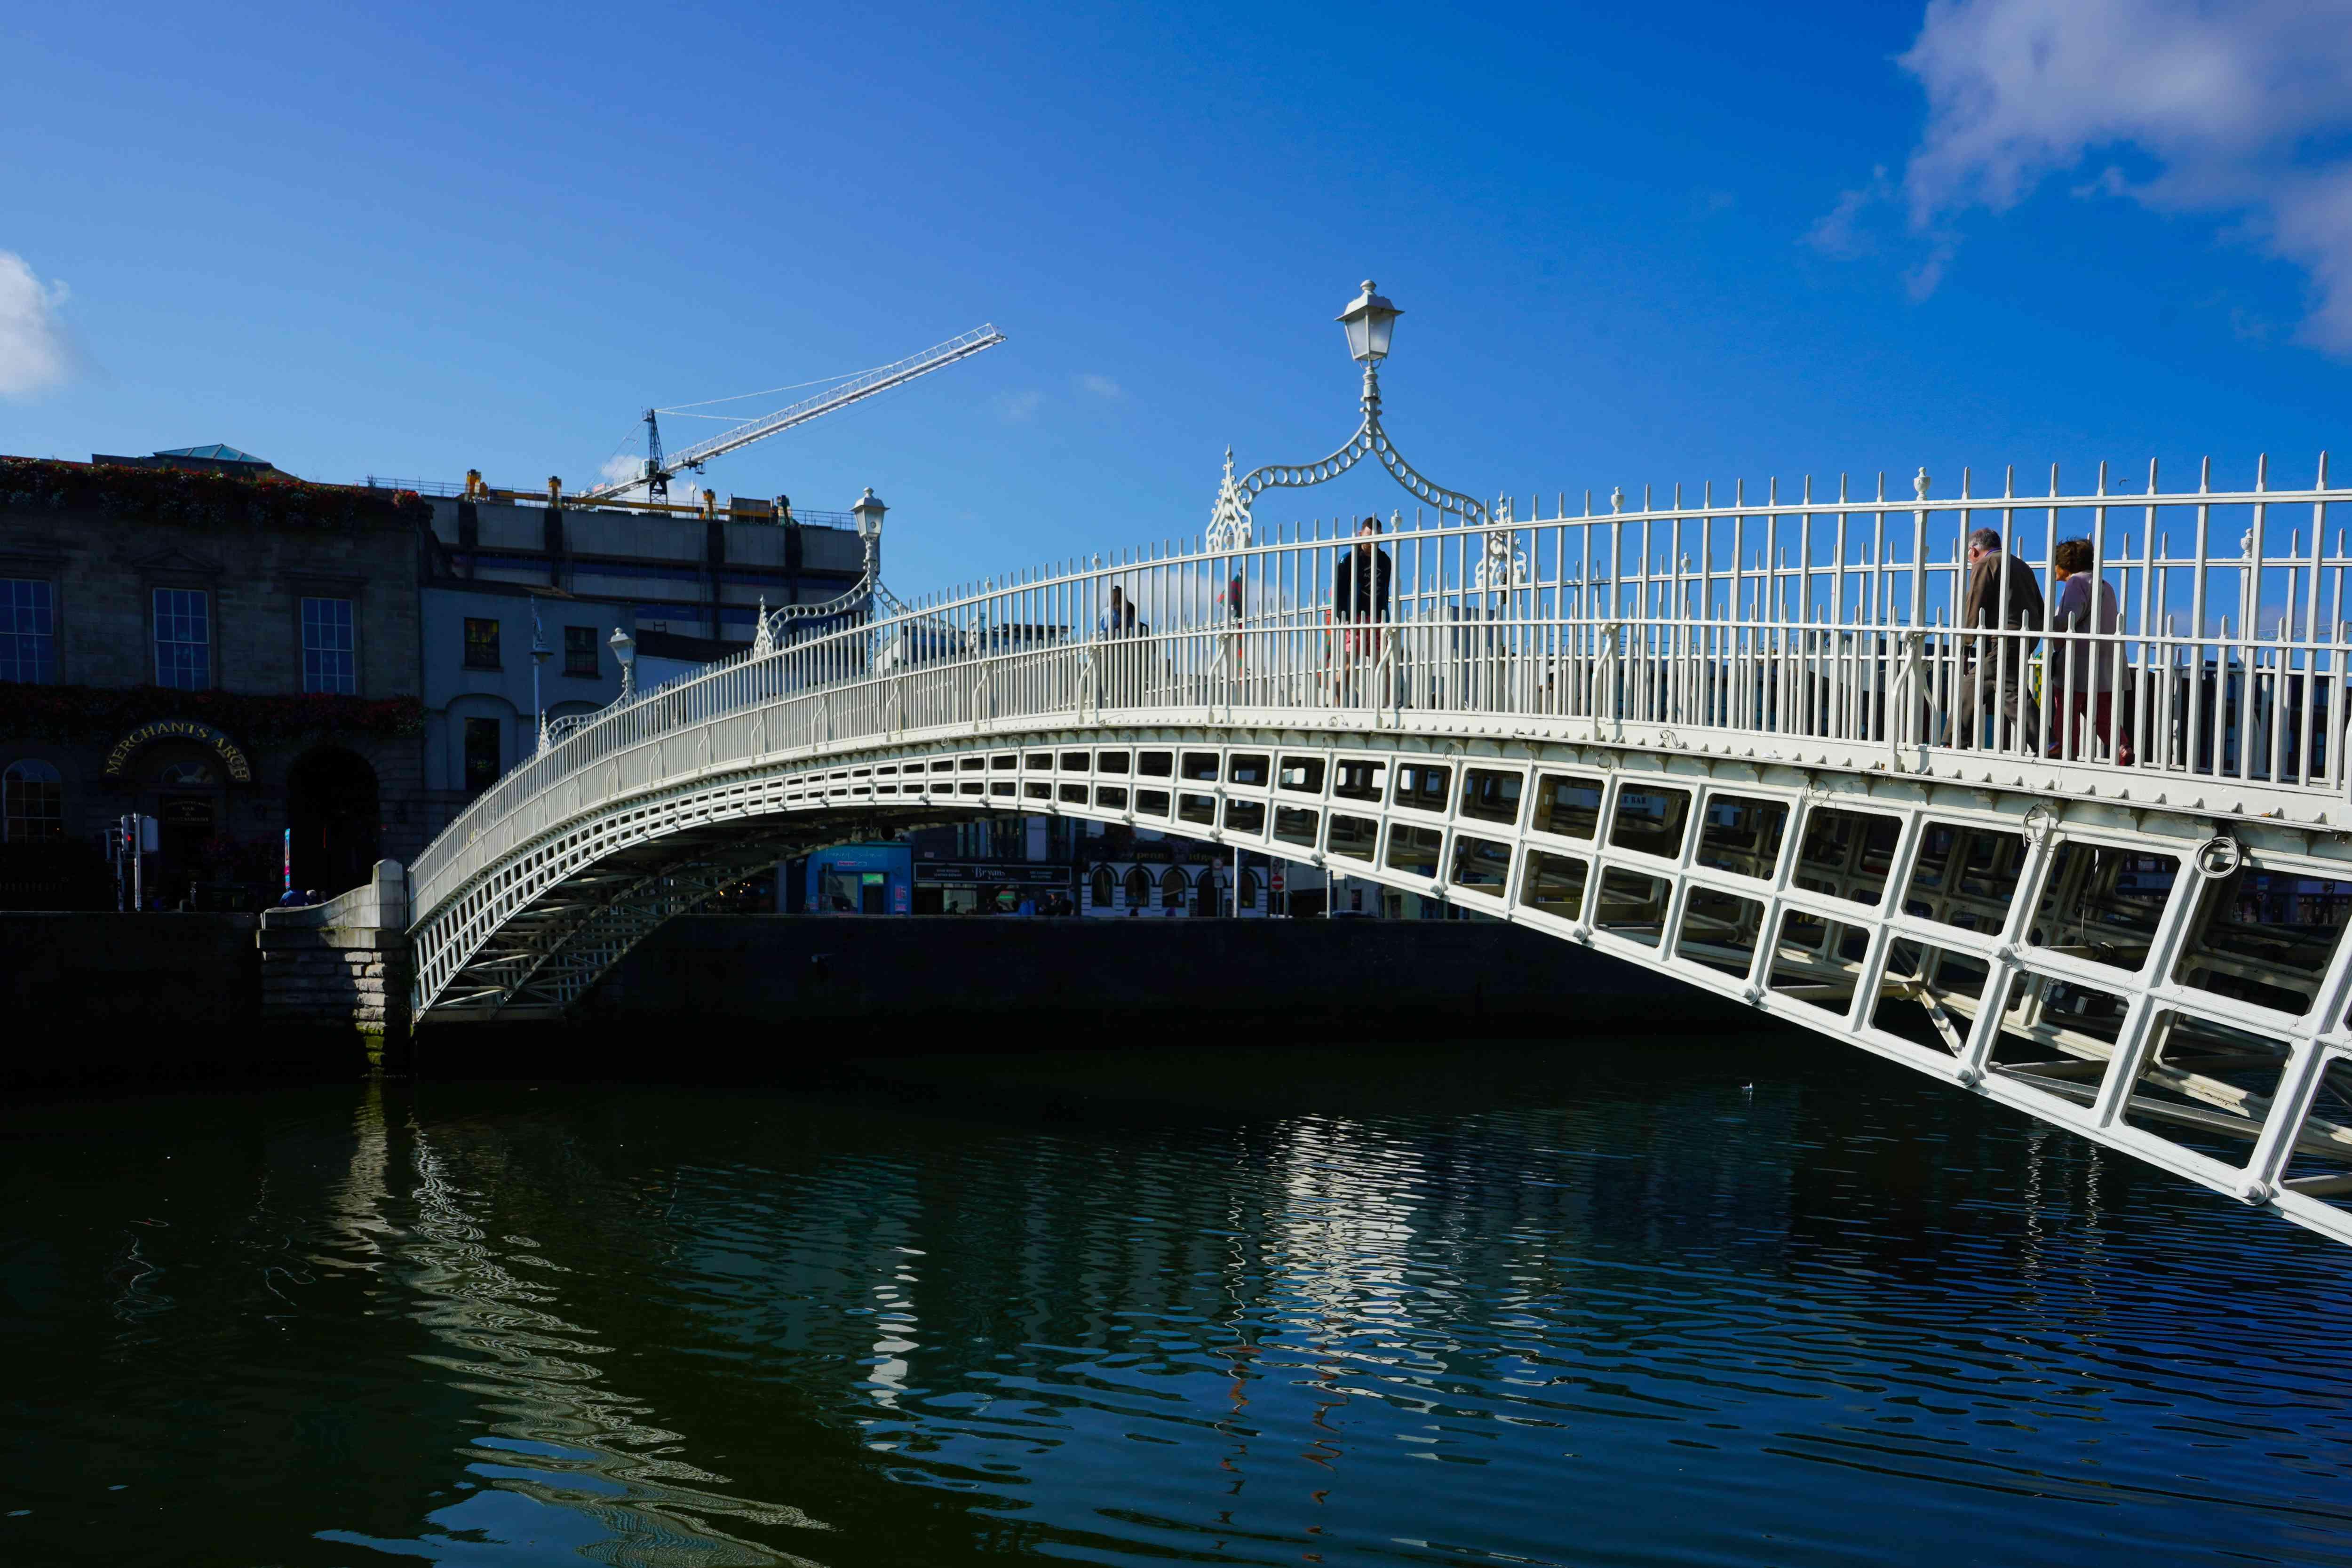 Puente Ha-penny en Dublín, Irlanda